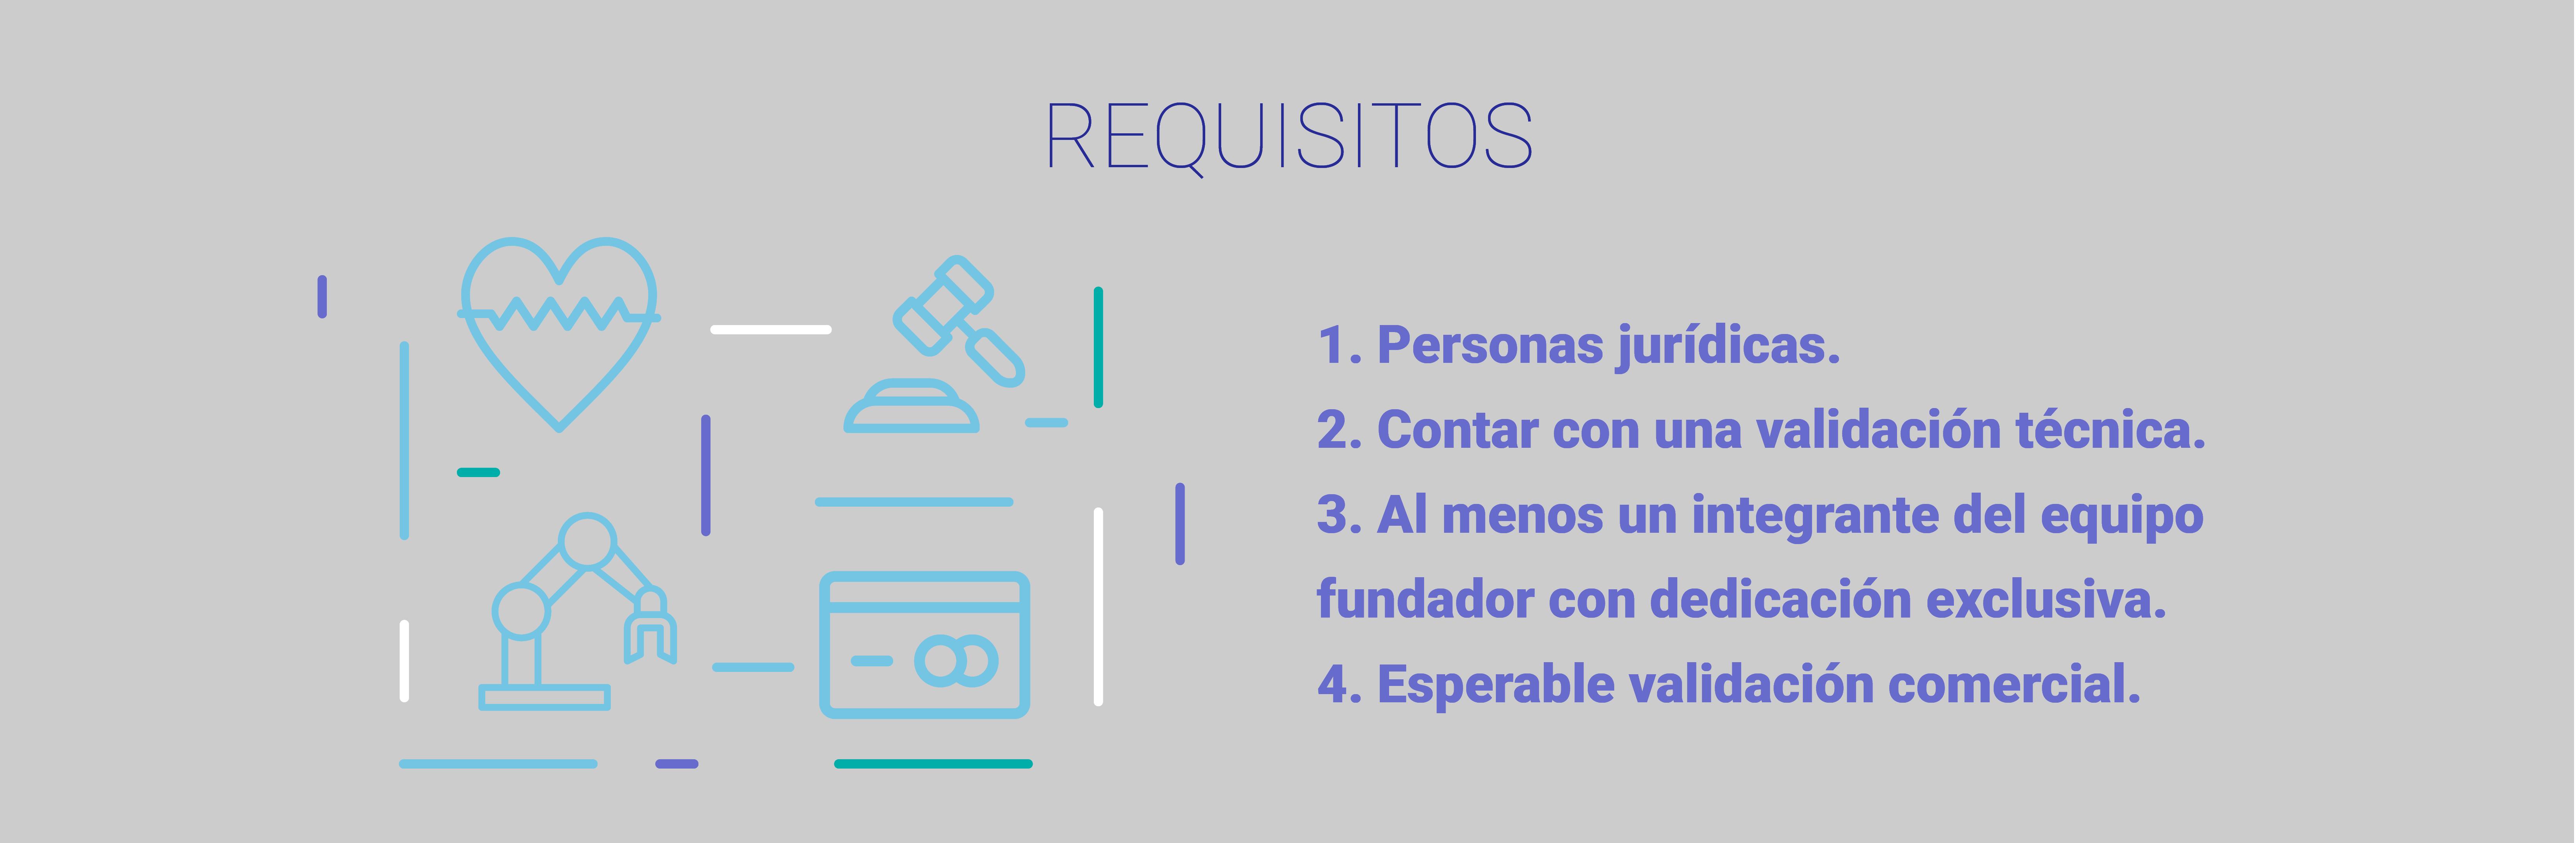 requisitos-01